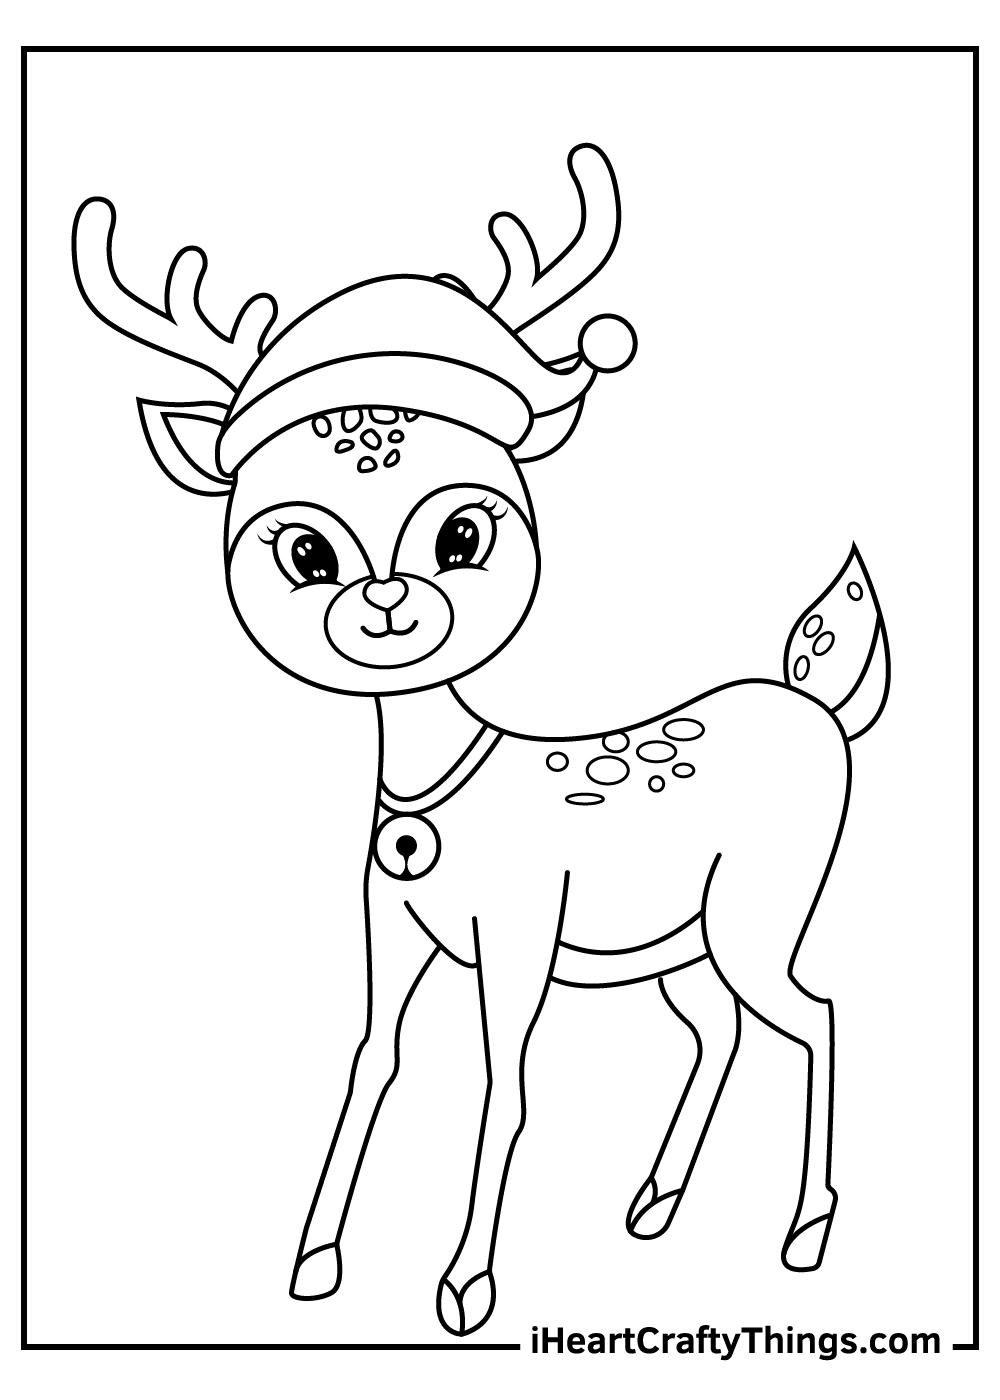 santa claus' reindeers coloring pages free printable